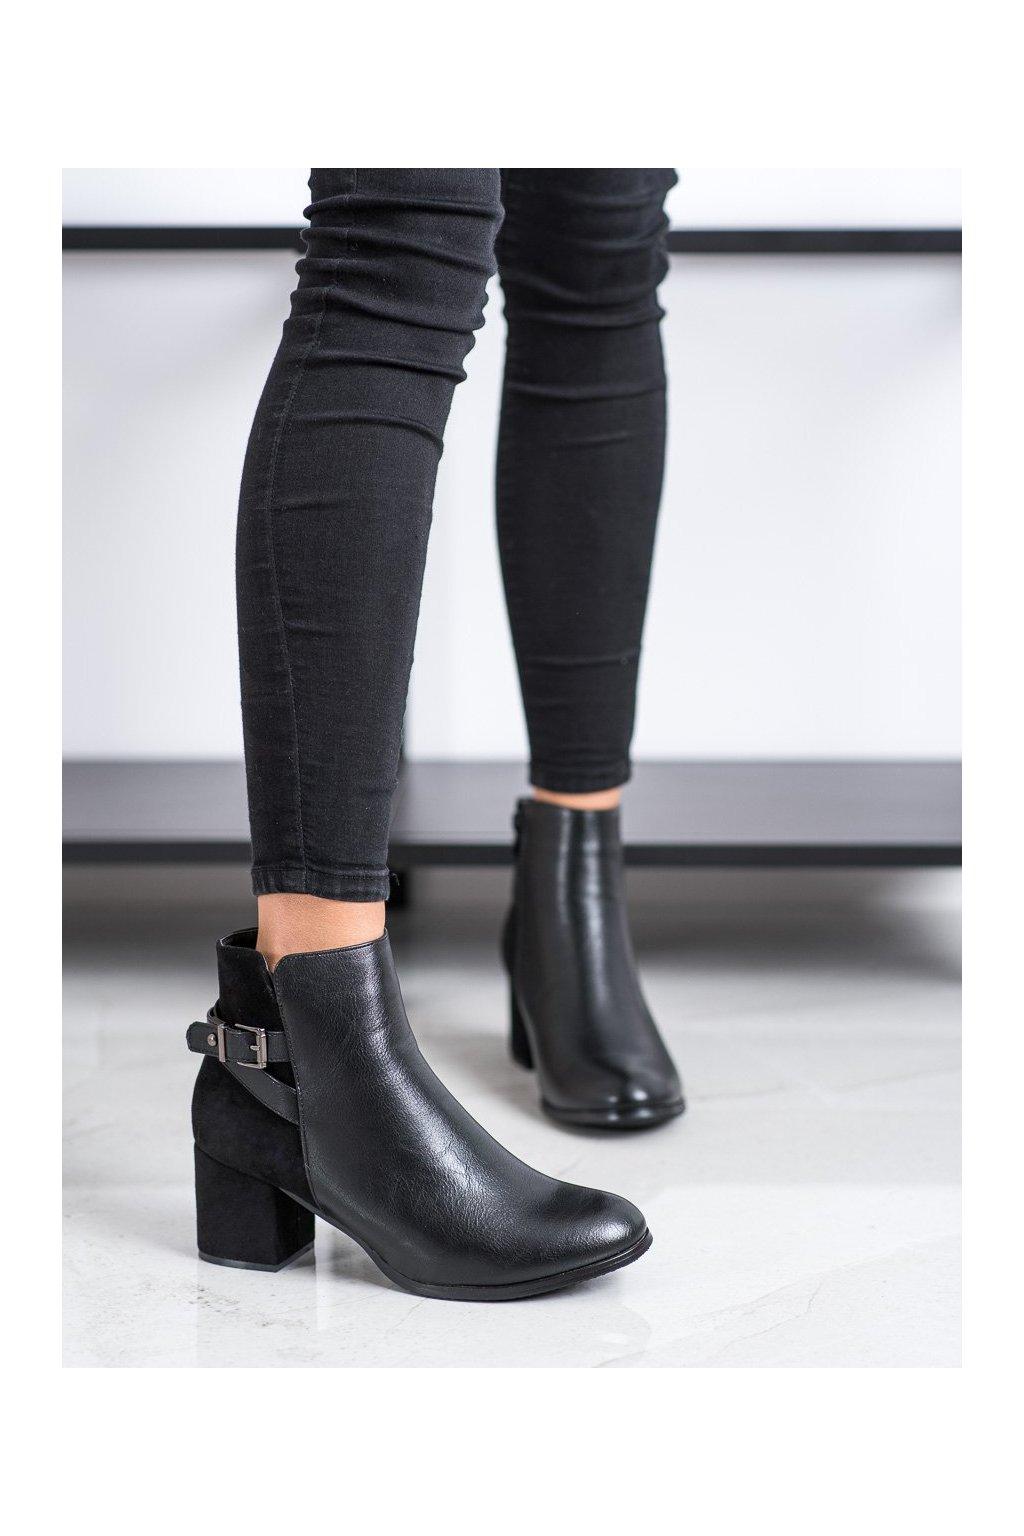 Čierne dámske topánky J. star kod A8312B